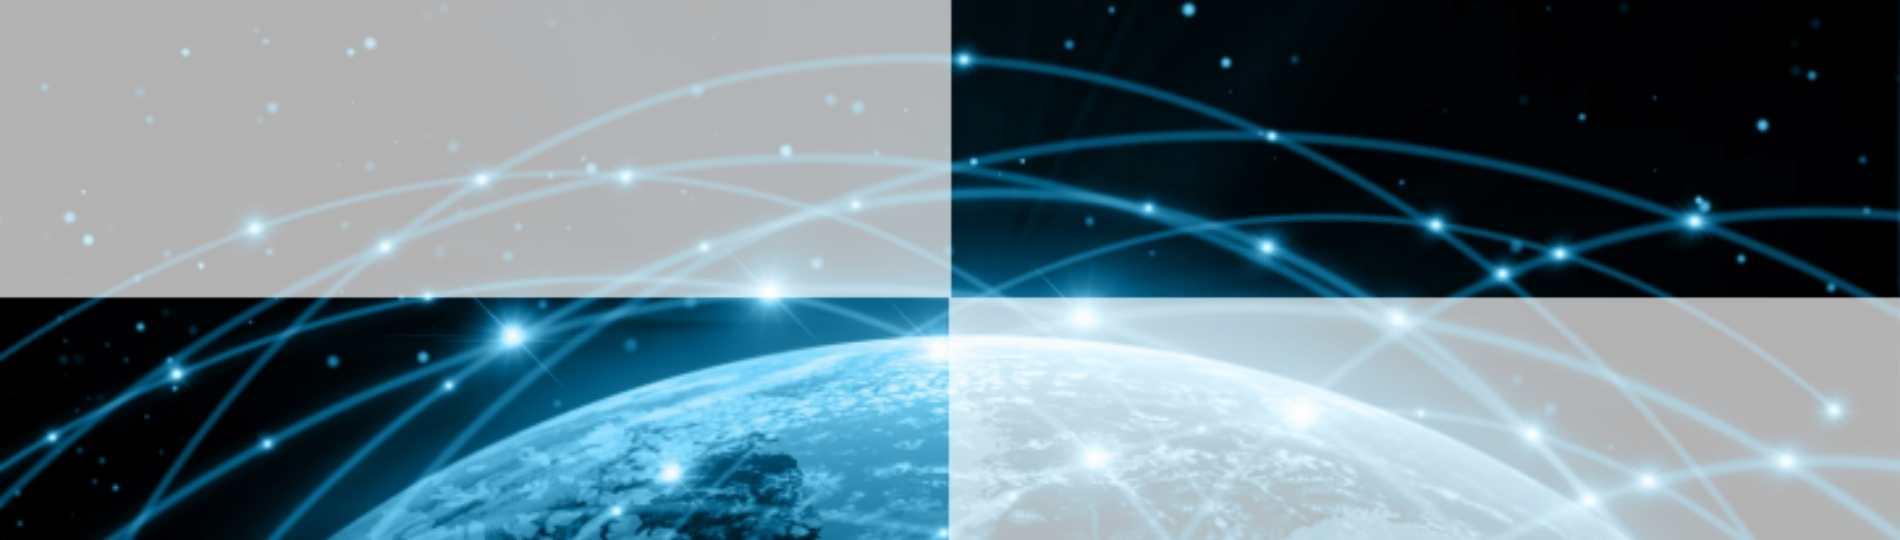 Internet fragmentation